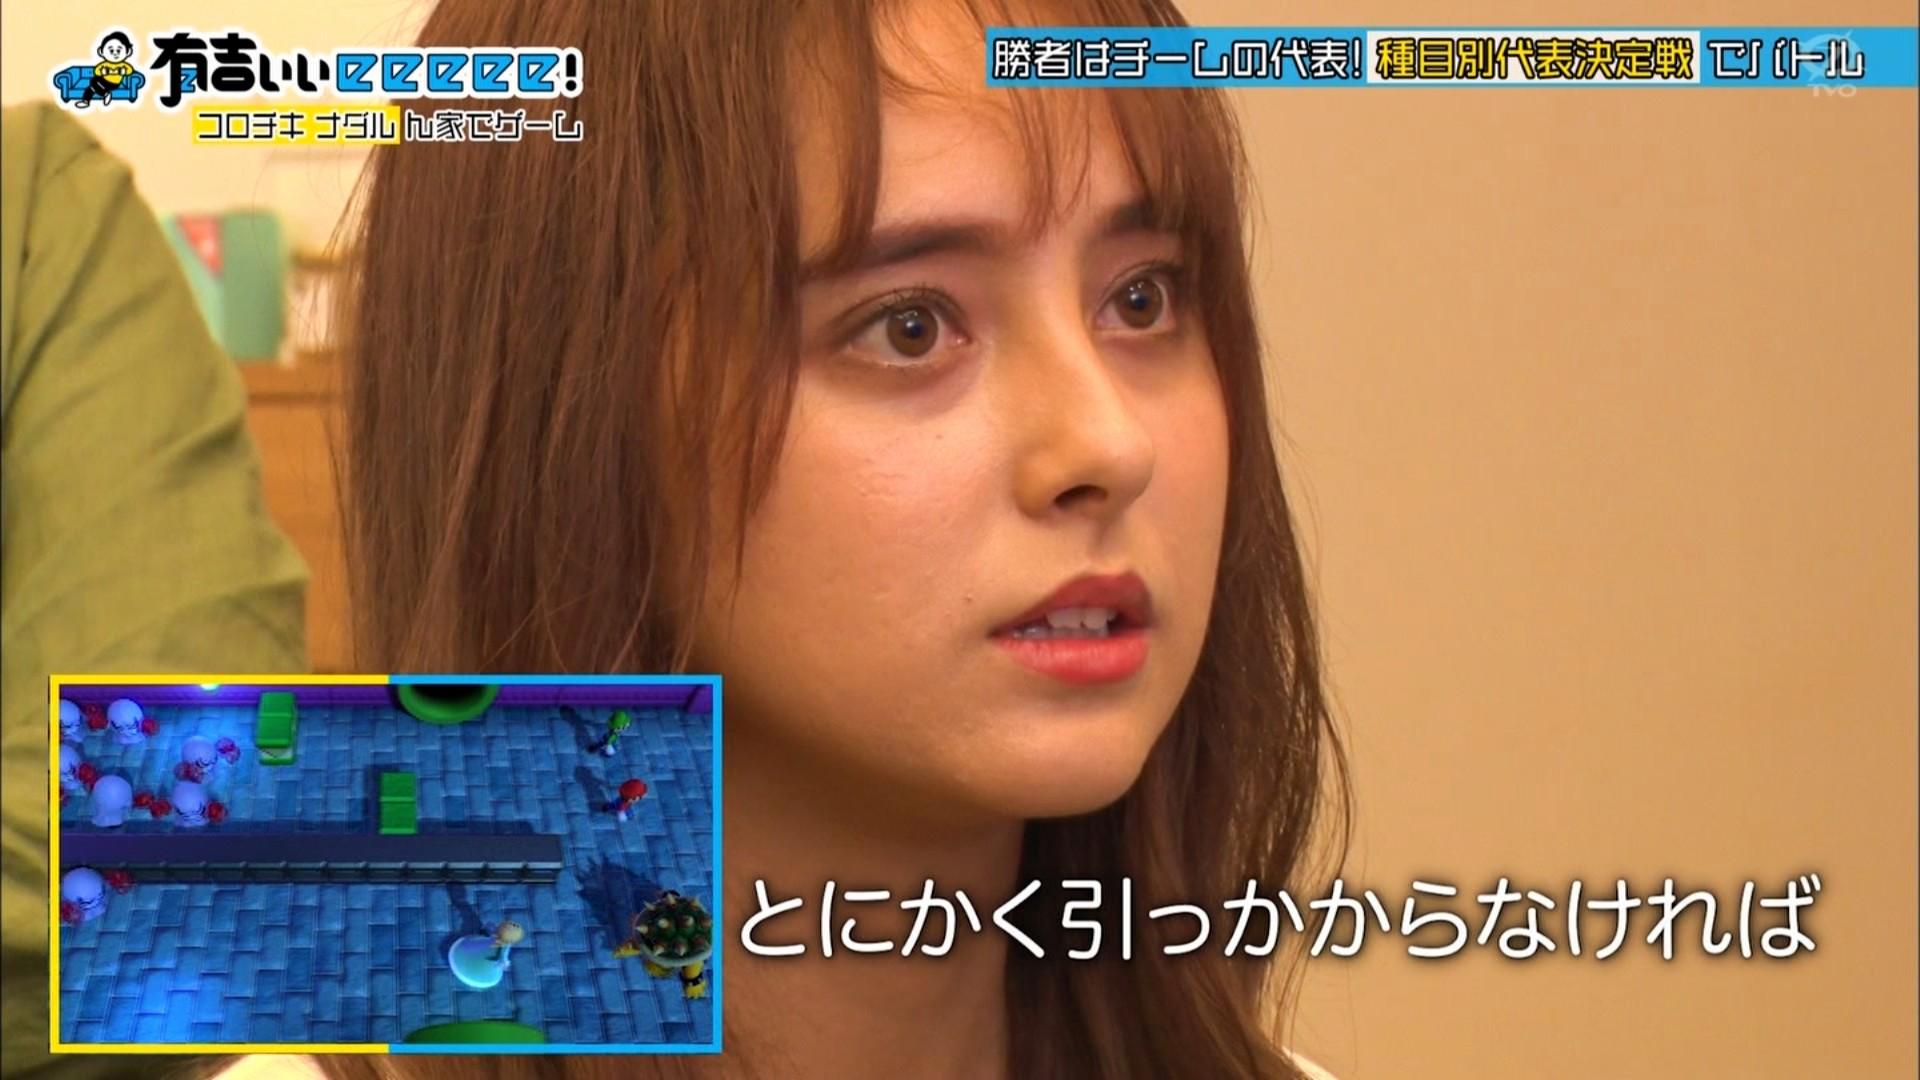 2019年7月7日「有吉ぃぃeeeee!~そうだ!今からお前んチでゲームしない?」のテレビキャプチャー画像-031